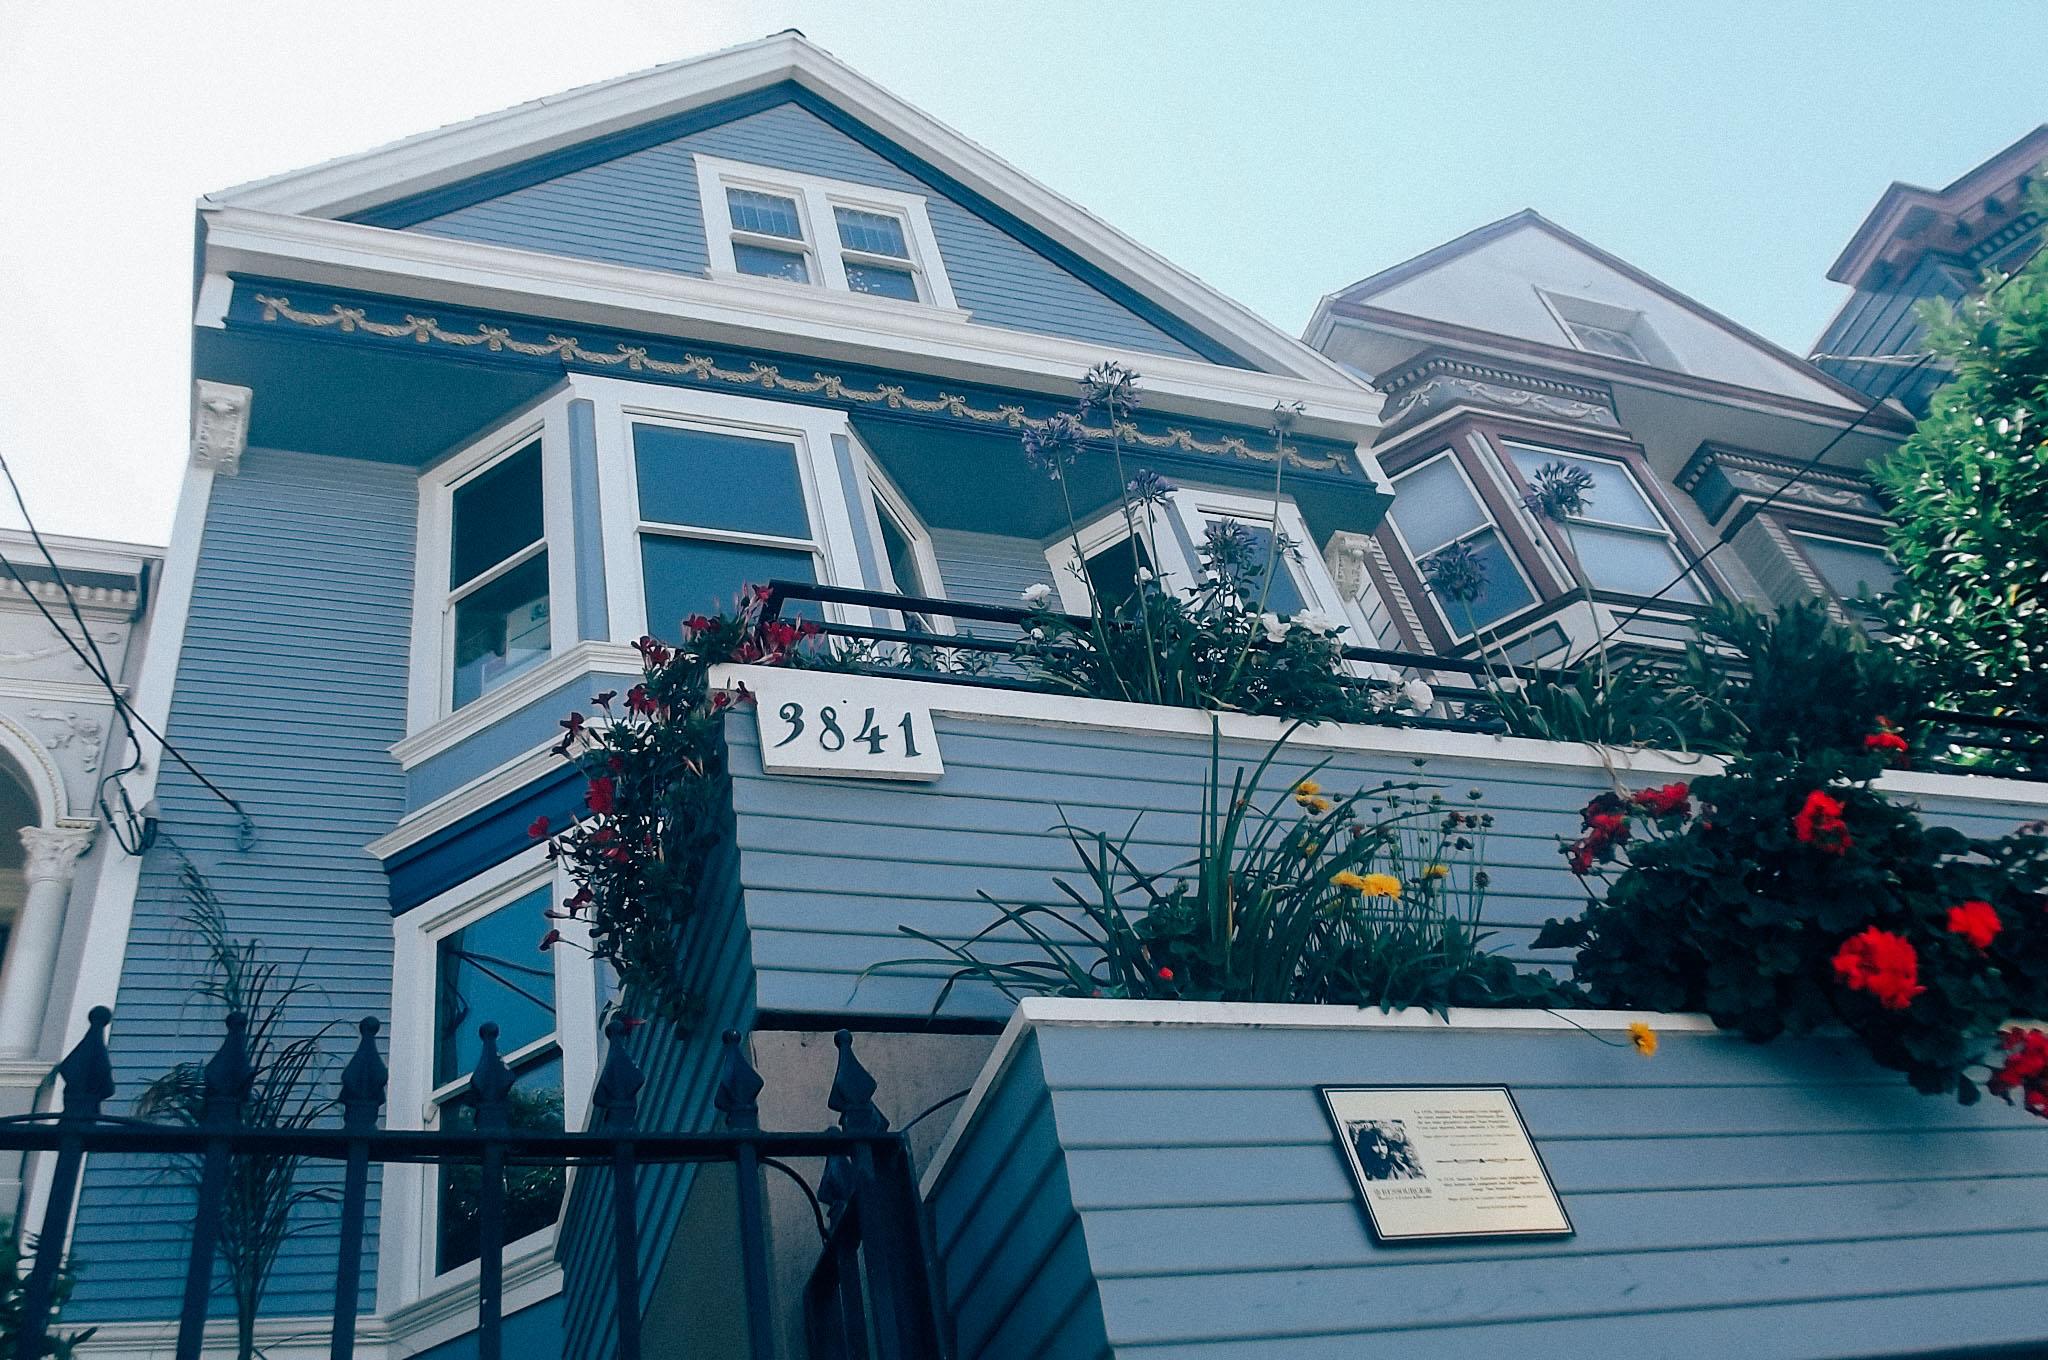 Visiter san francisco en 3 jours les incontournables for Adresse de la maison bleue san francisco